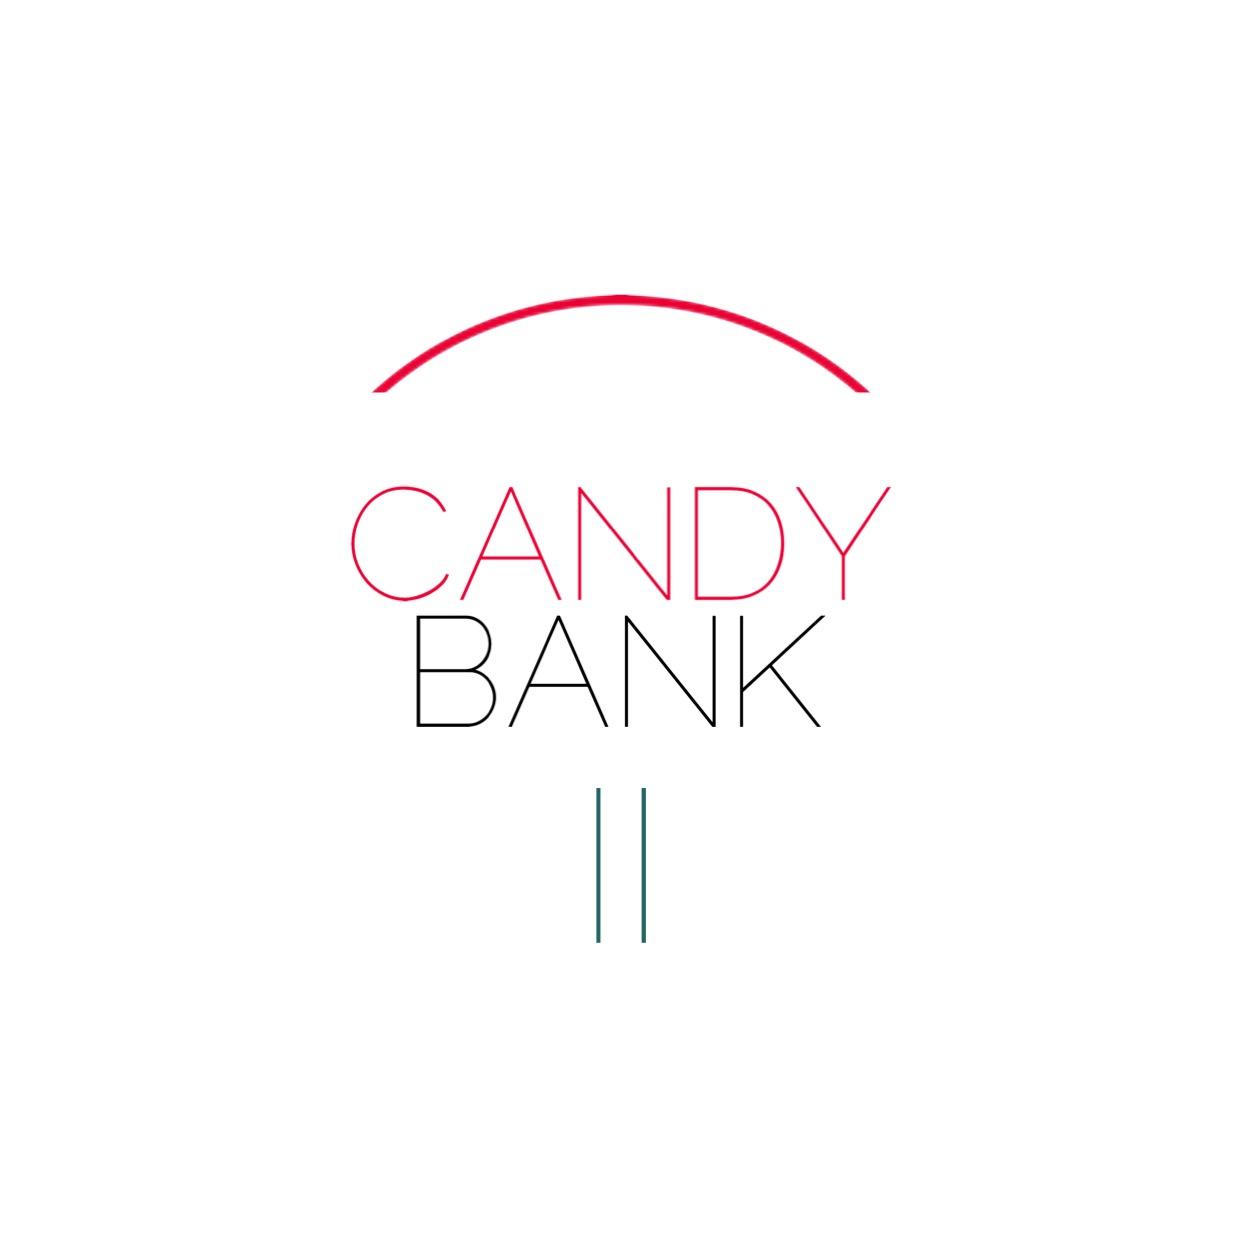 Логотип для международного банка фото f_4515d6bfc41c69de.jpg